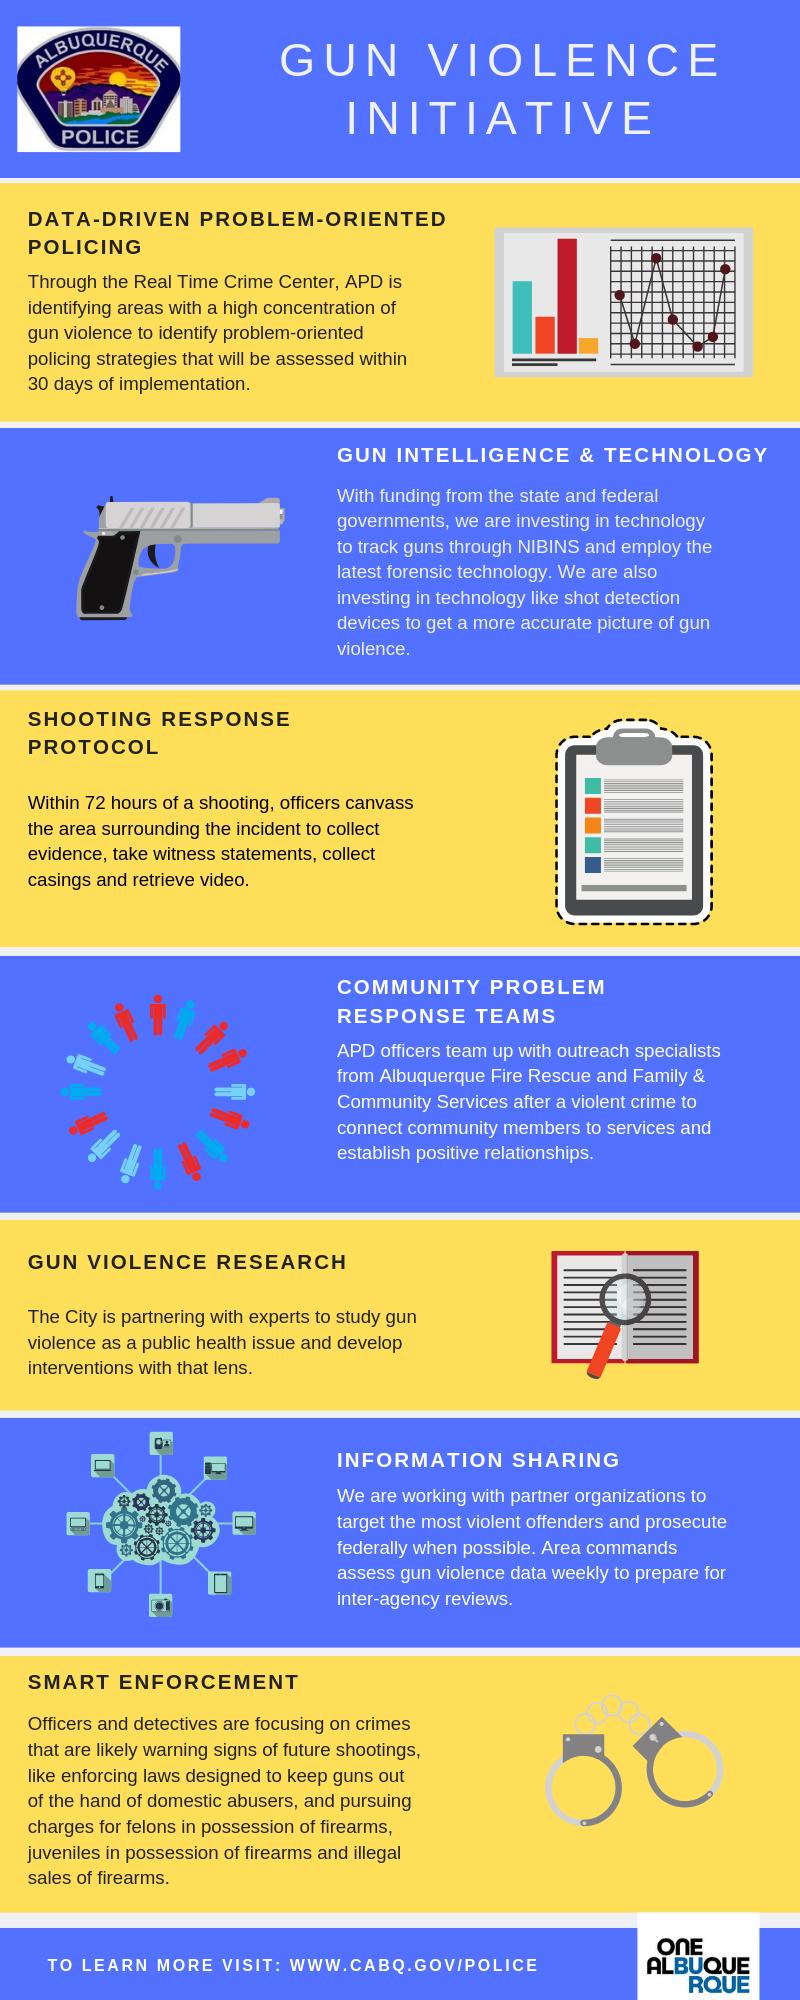 Mayor Keller, APD Outline Plan to Address Gun Violence — City of